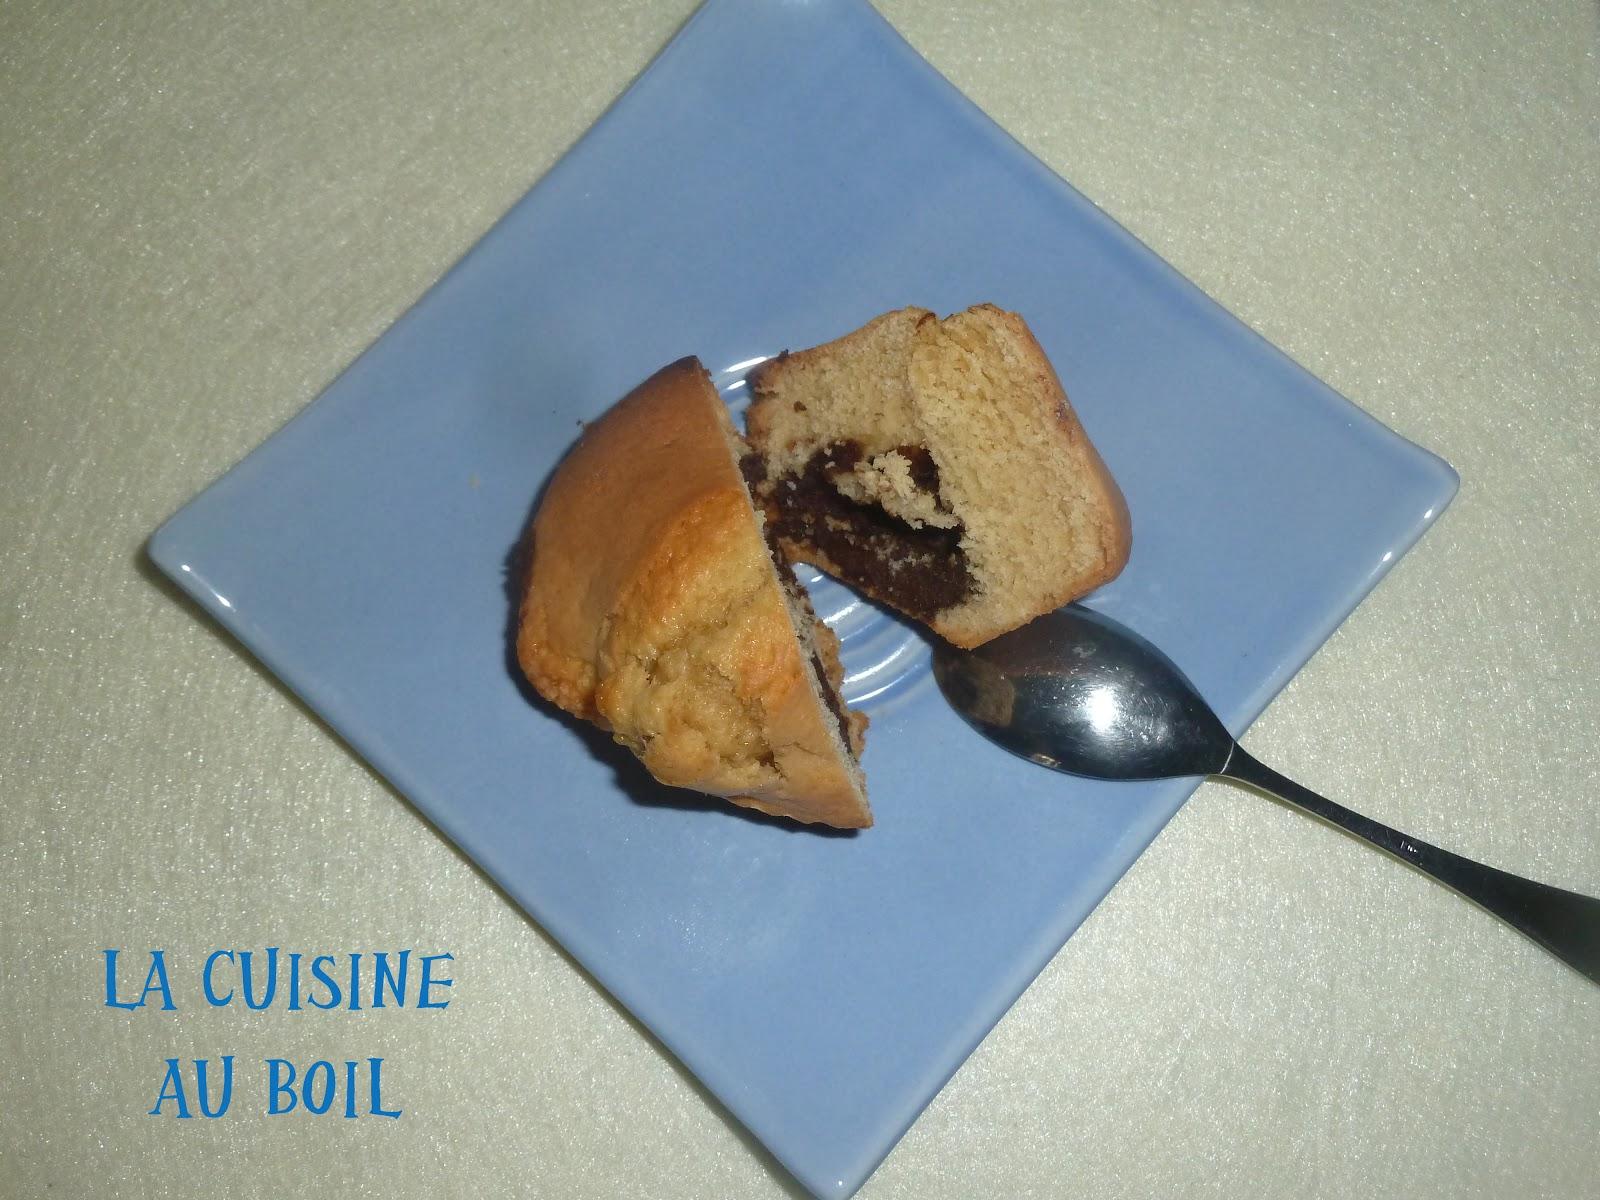 La cuisine au boil muffins au coeur de nutella for Au coeur de la cuisine